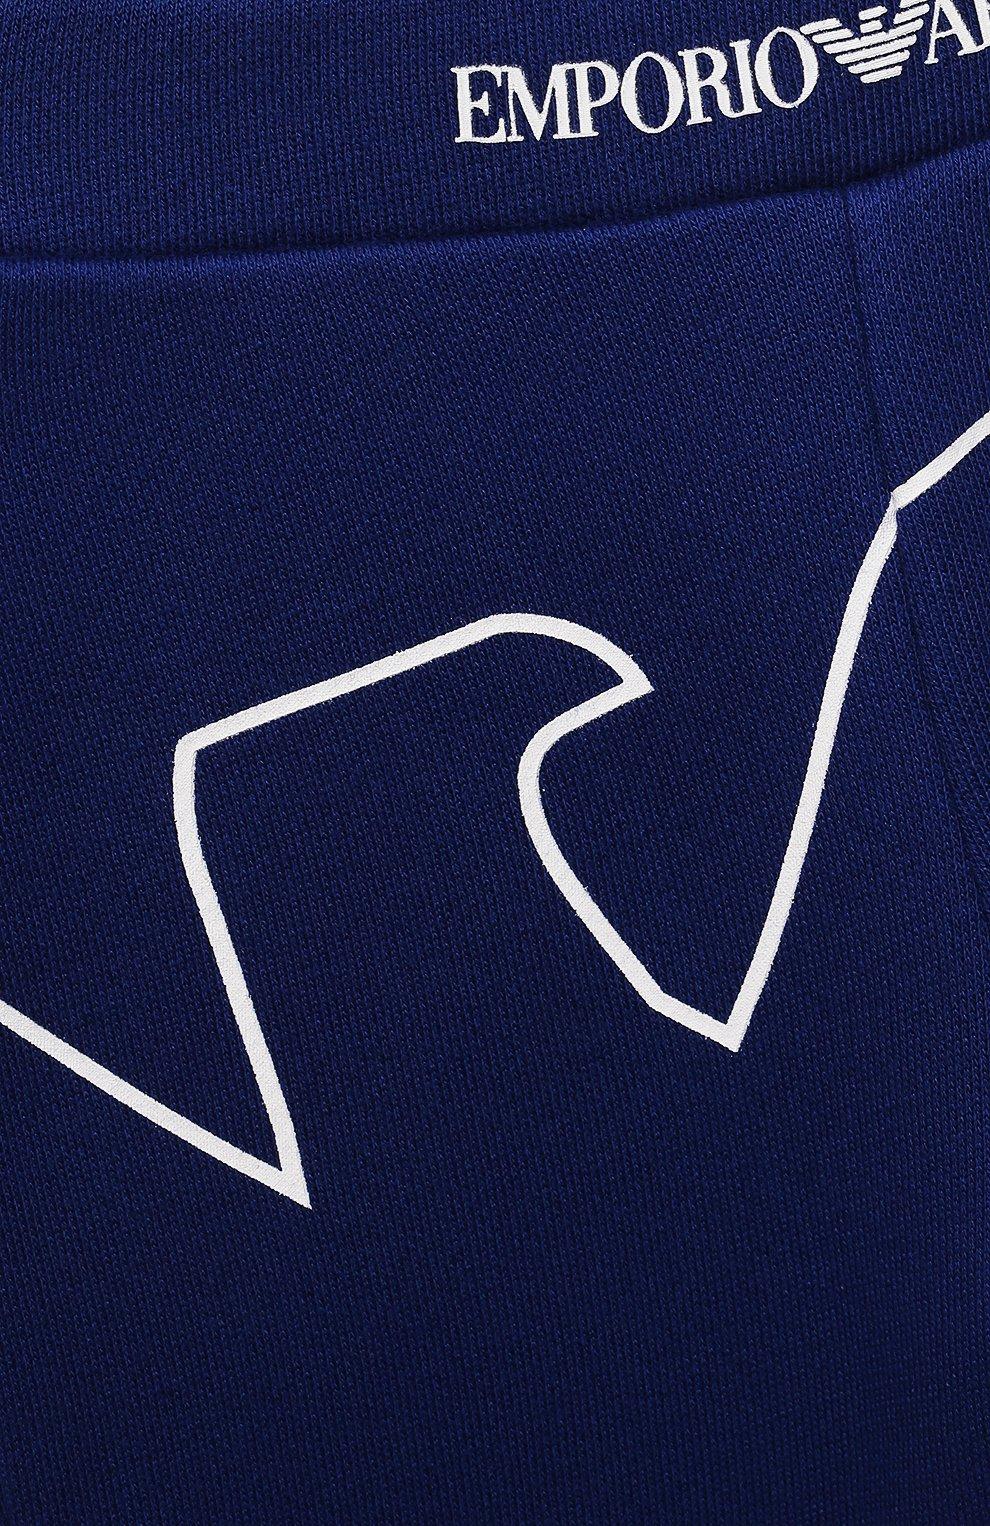 Детские джоггеры из вискозы и хлопка EMPORIO ARMANI синего цвета, арт. 3KHP03/4J4IZ | Фото 3